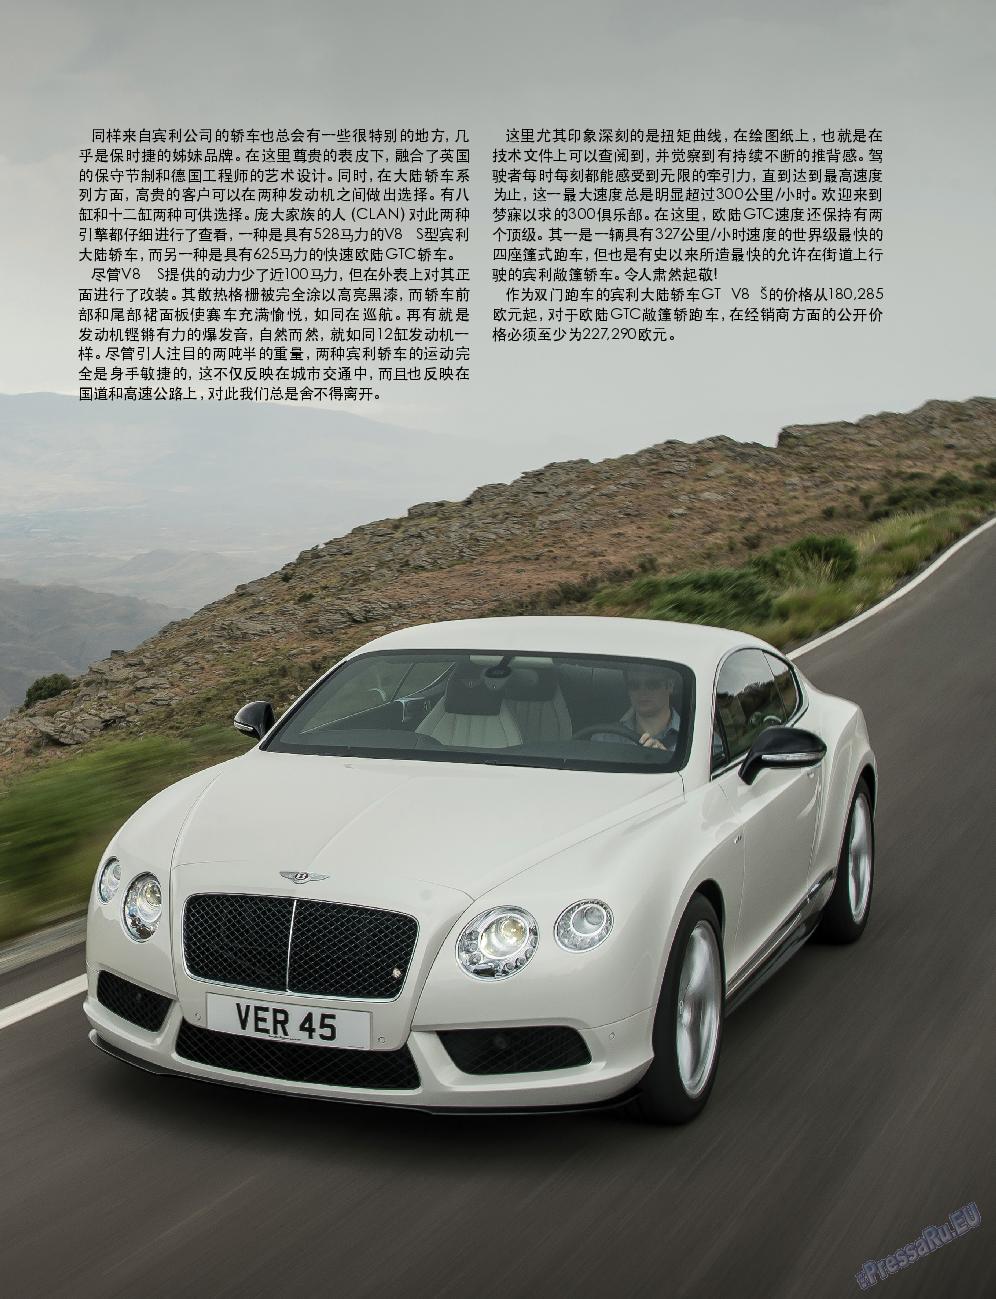 Клан (журнал). 2014 год, номер 7, стр. 100